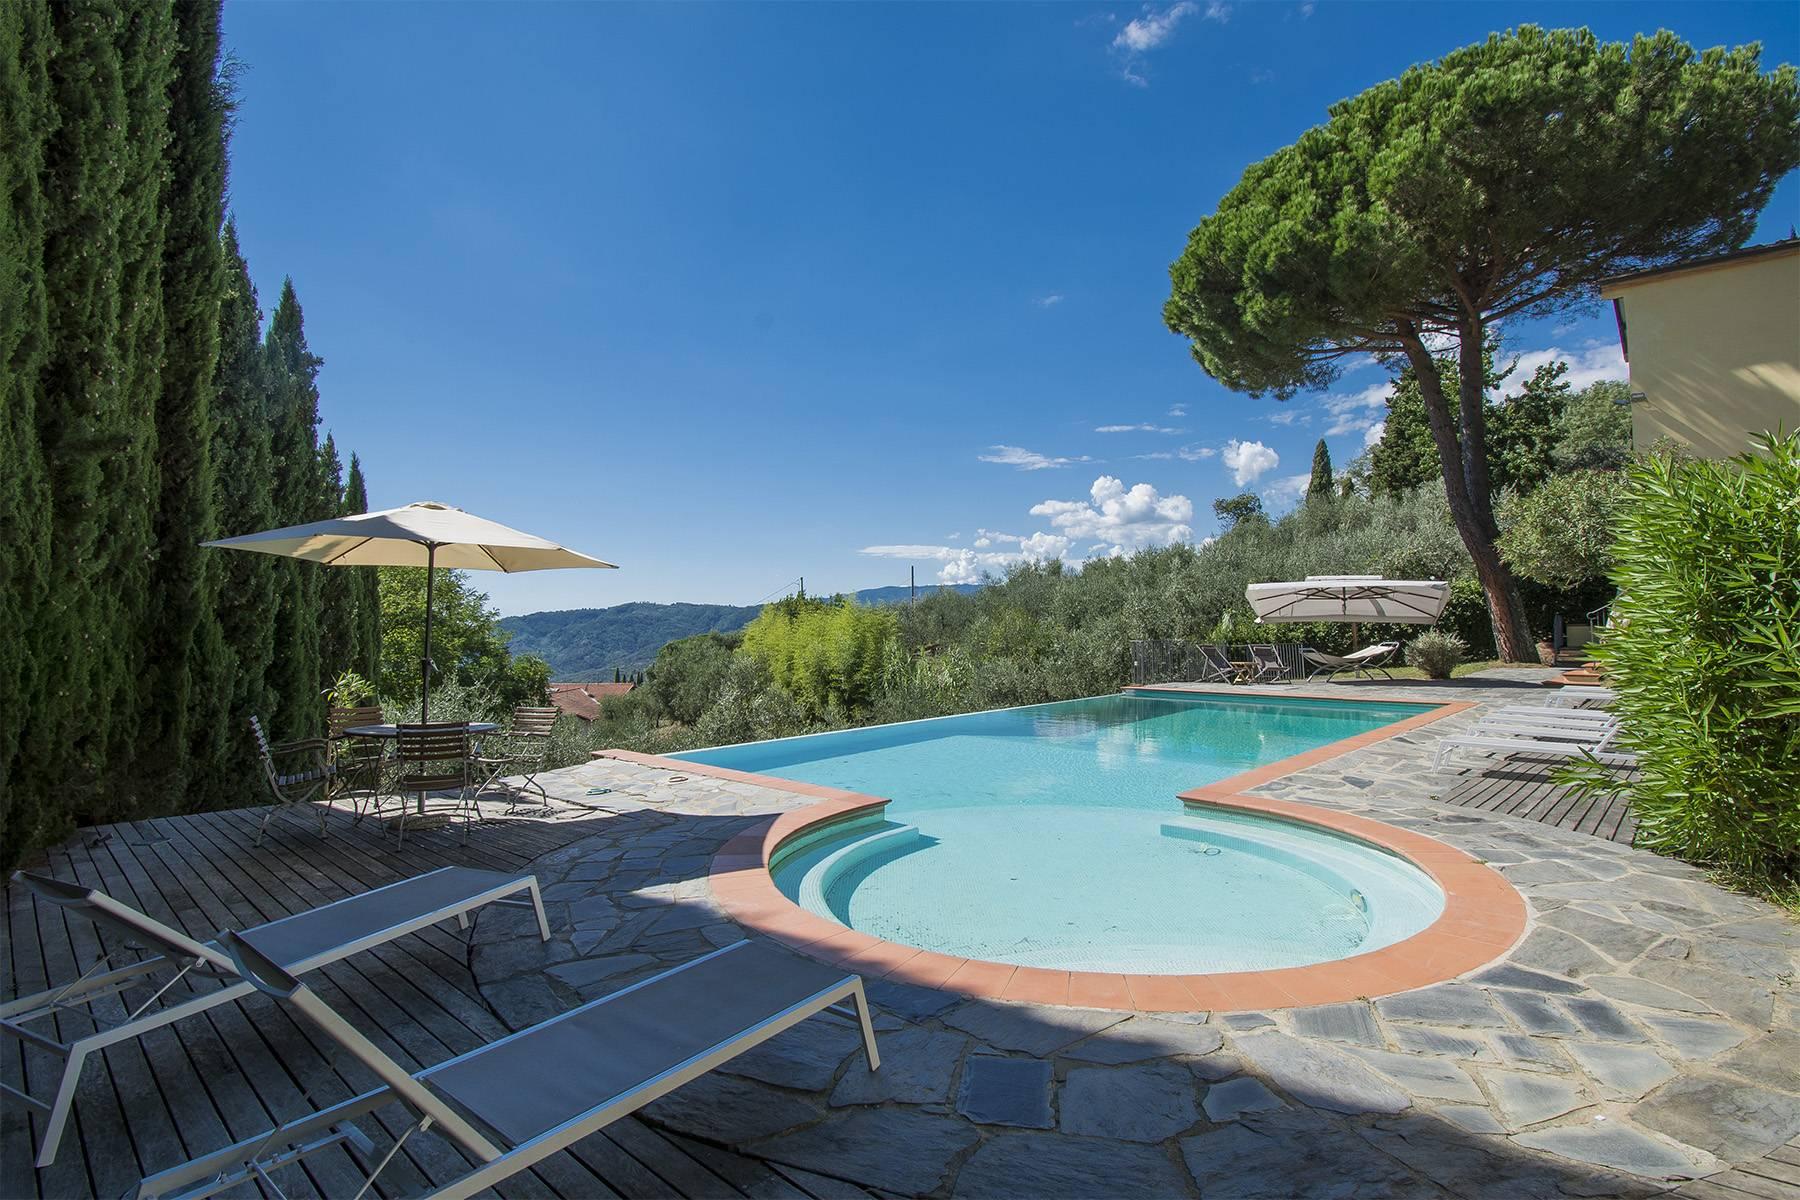 Villa in Vendita a Montecatini-Terme: 5 locali, 250 mq - Foto 2